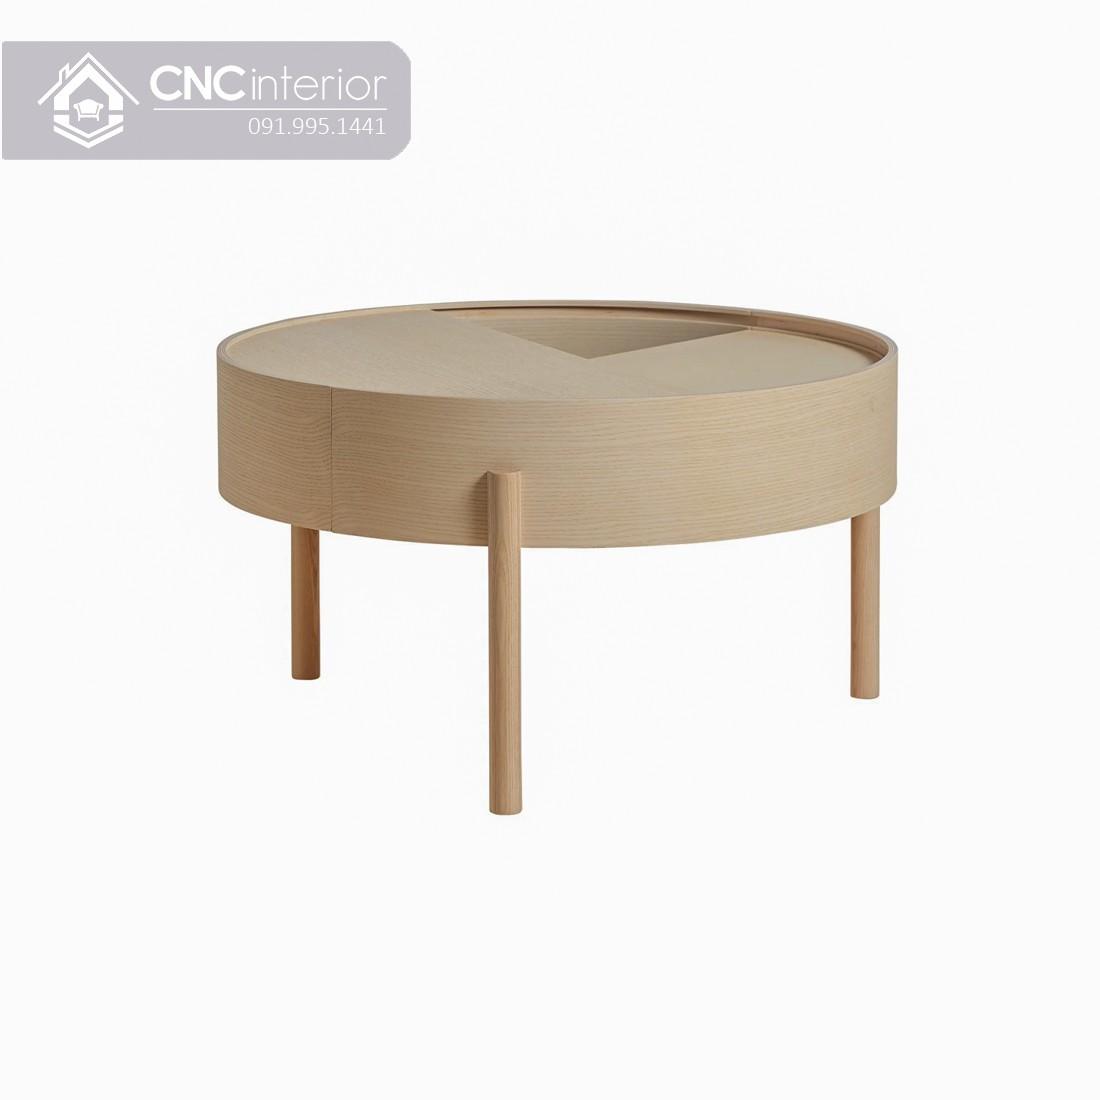 Bàn trà tròn nhỏ gọn bằng gỗ CNC 01